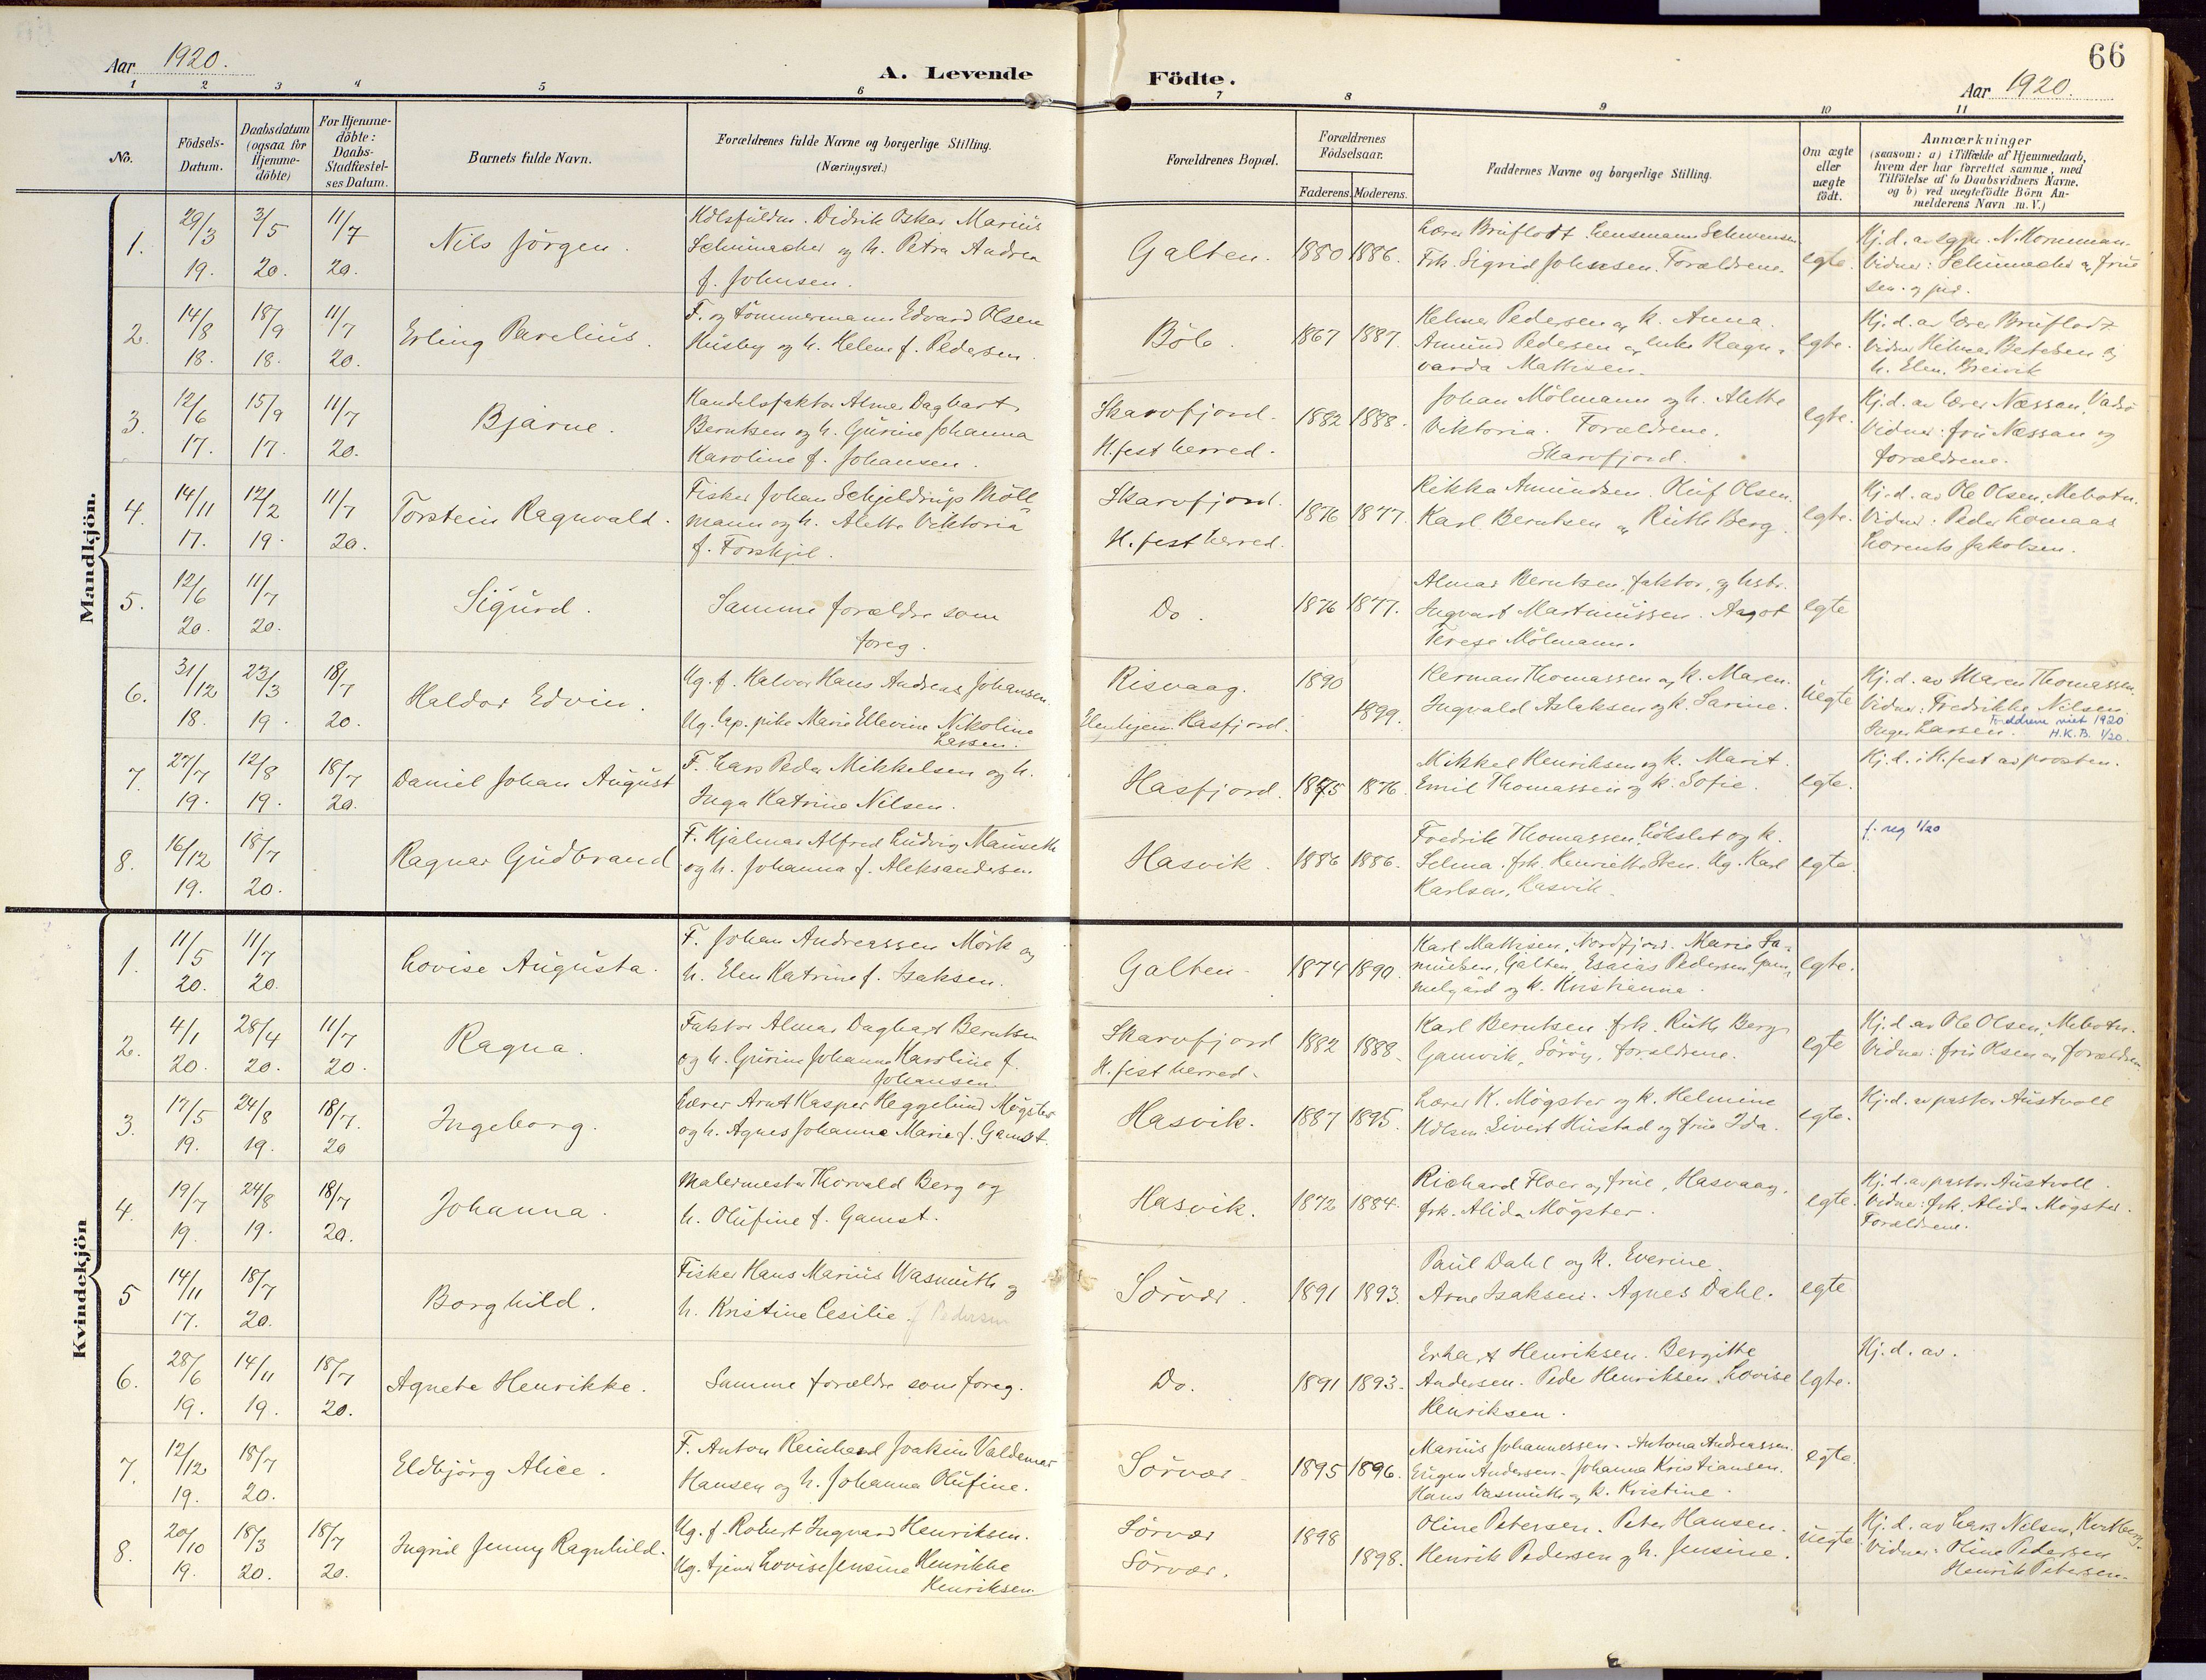 SATØ, Loppa sokneprestkontor, H/Ha/L0010kirke: Ministerialbok nr. 10, 1907-1922, s. 66